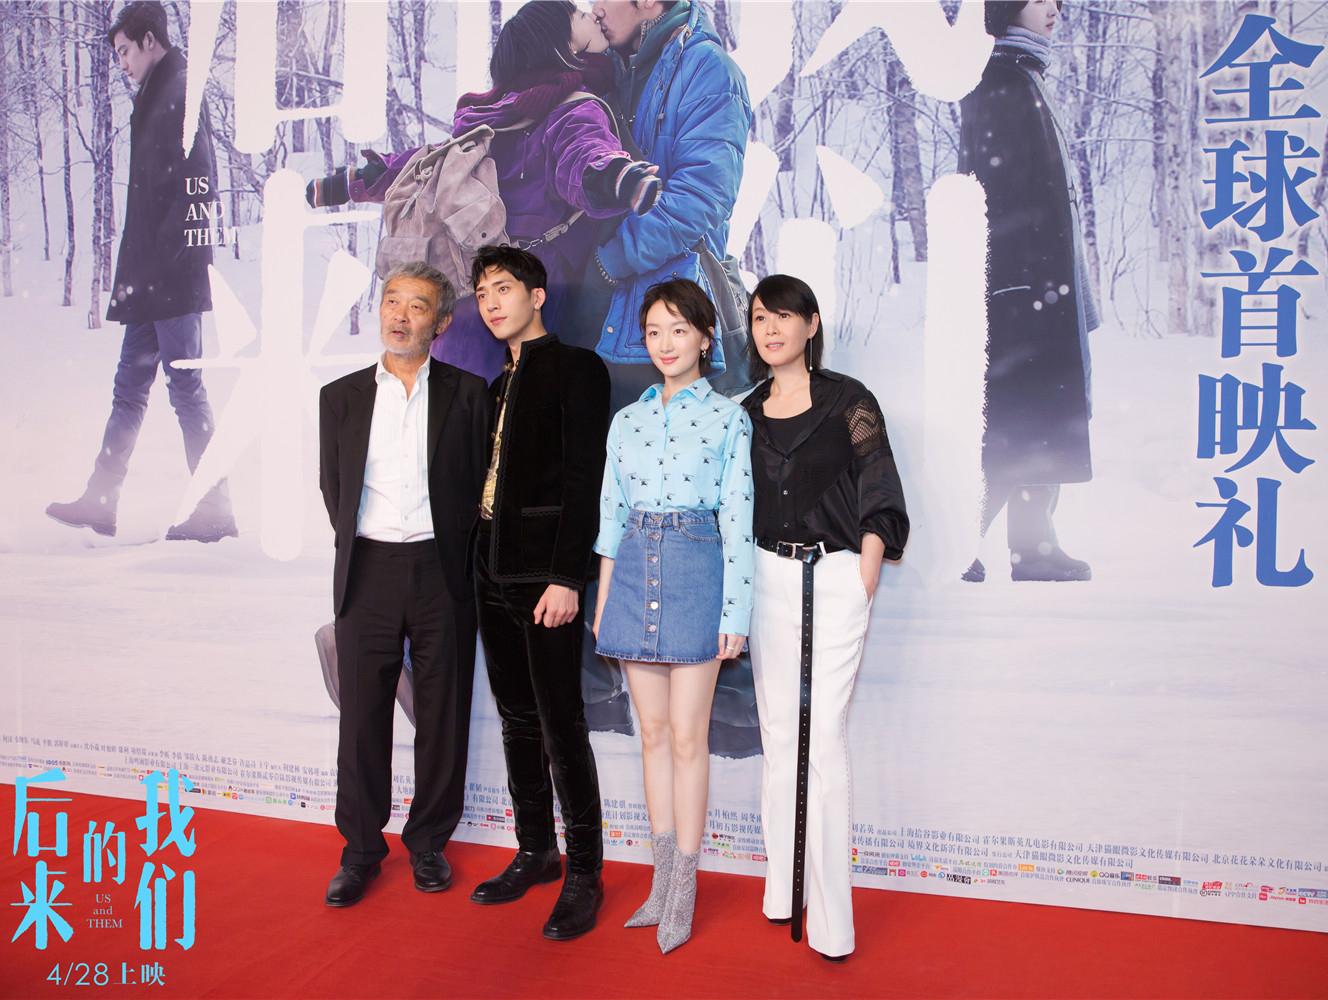 《后来的我们》首映众明星到场支持 刘若英处女作受期待